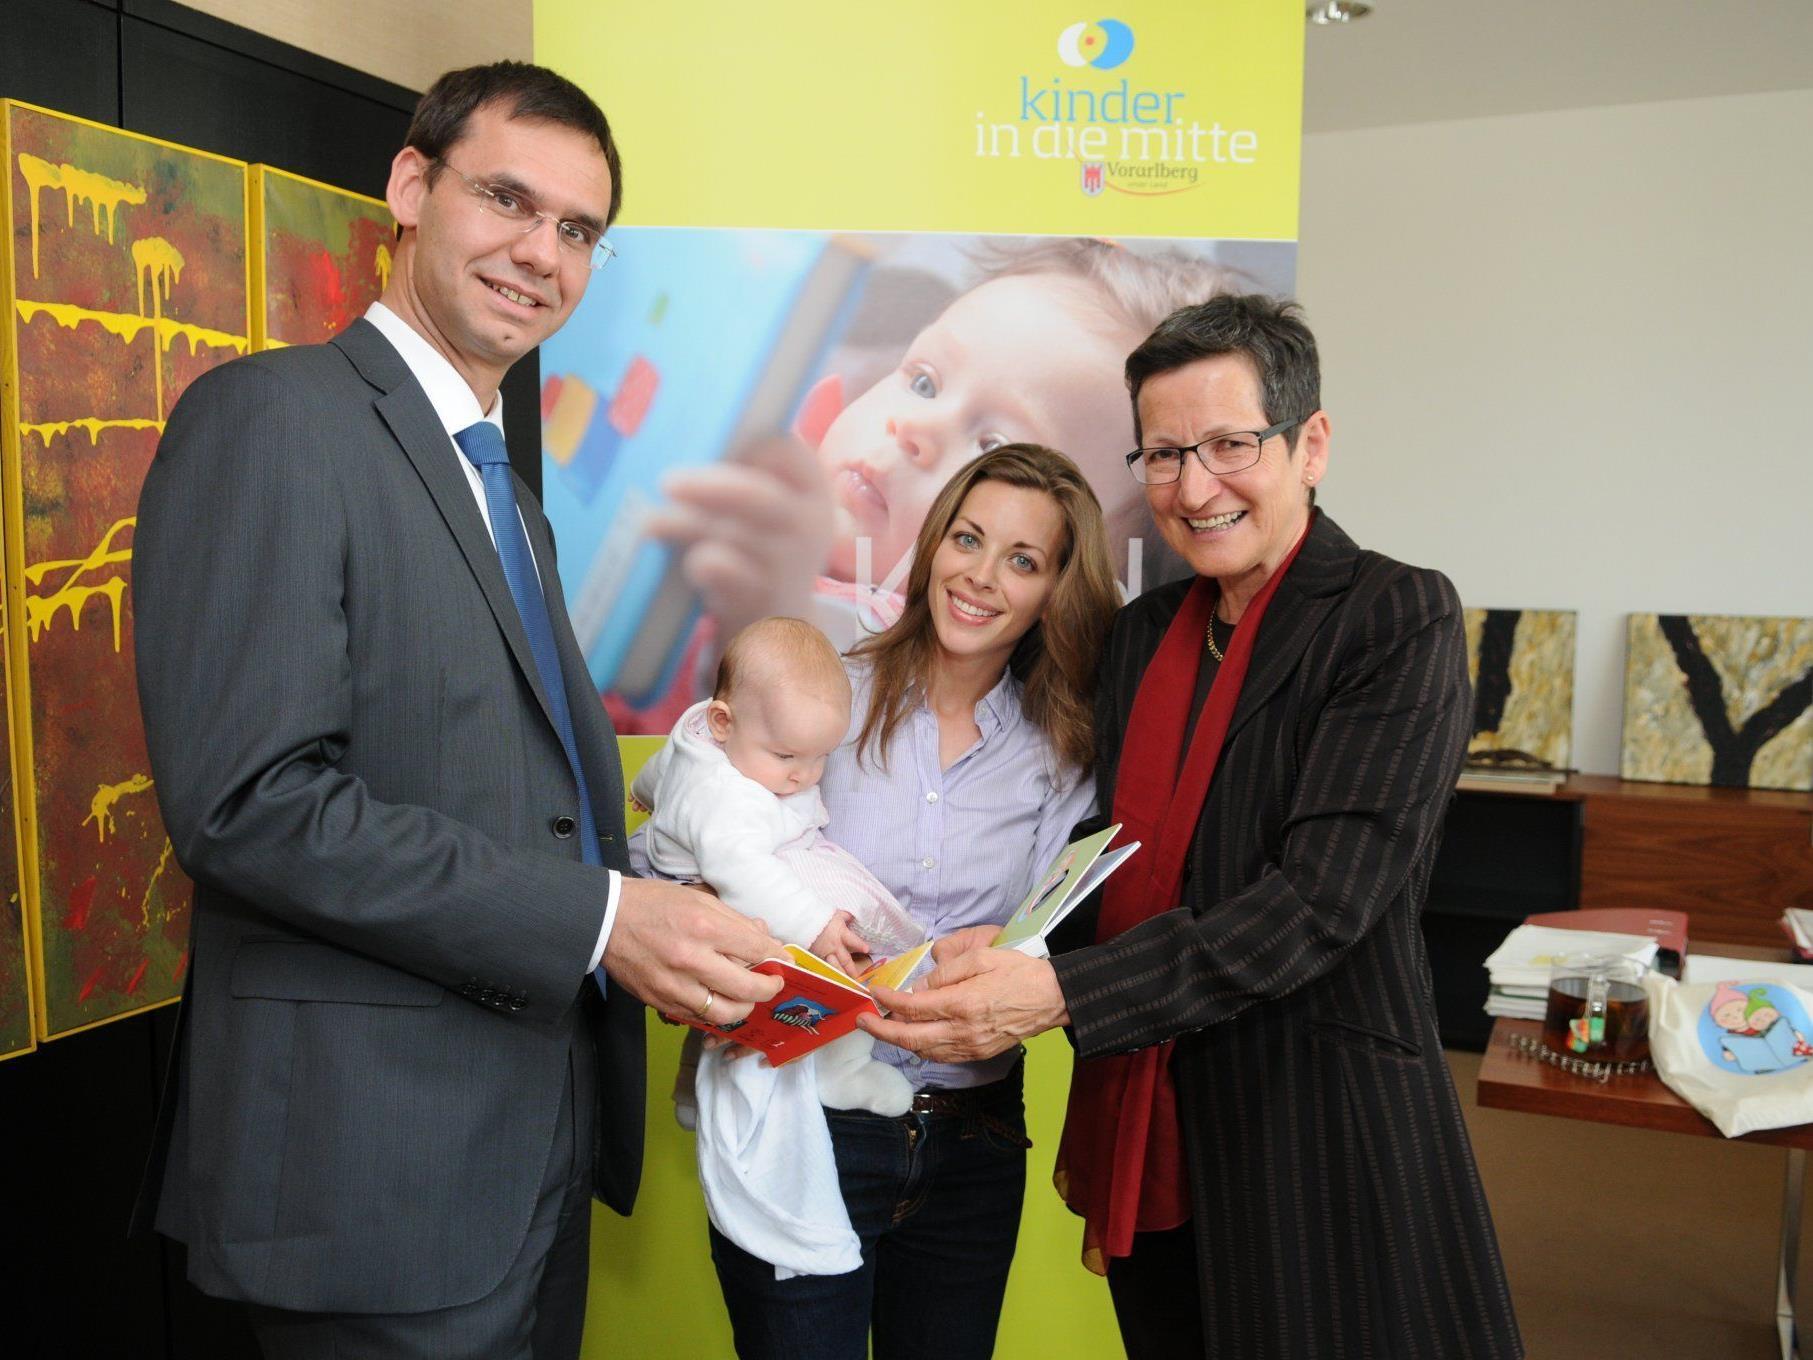 Landeshauptmann Markus Wallner und Landesrätin Greti Schmid überreichten symbolisch das erste Buchpaket an Frau Wüstner mit Töchterchen Klara, die Ende April sechs Monate alt wird.